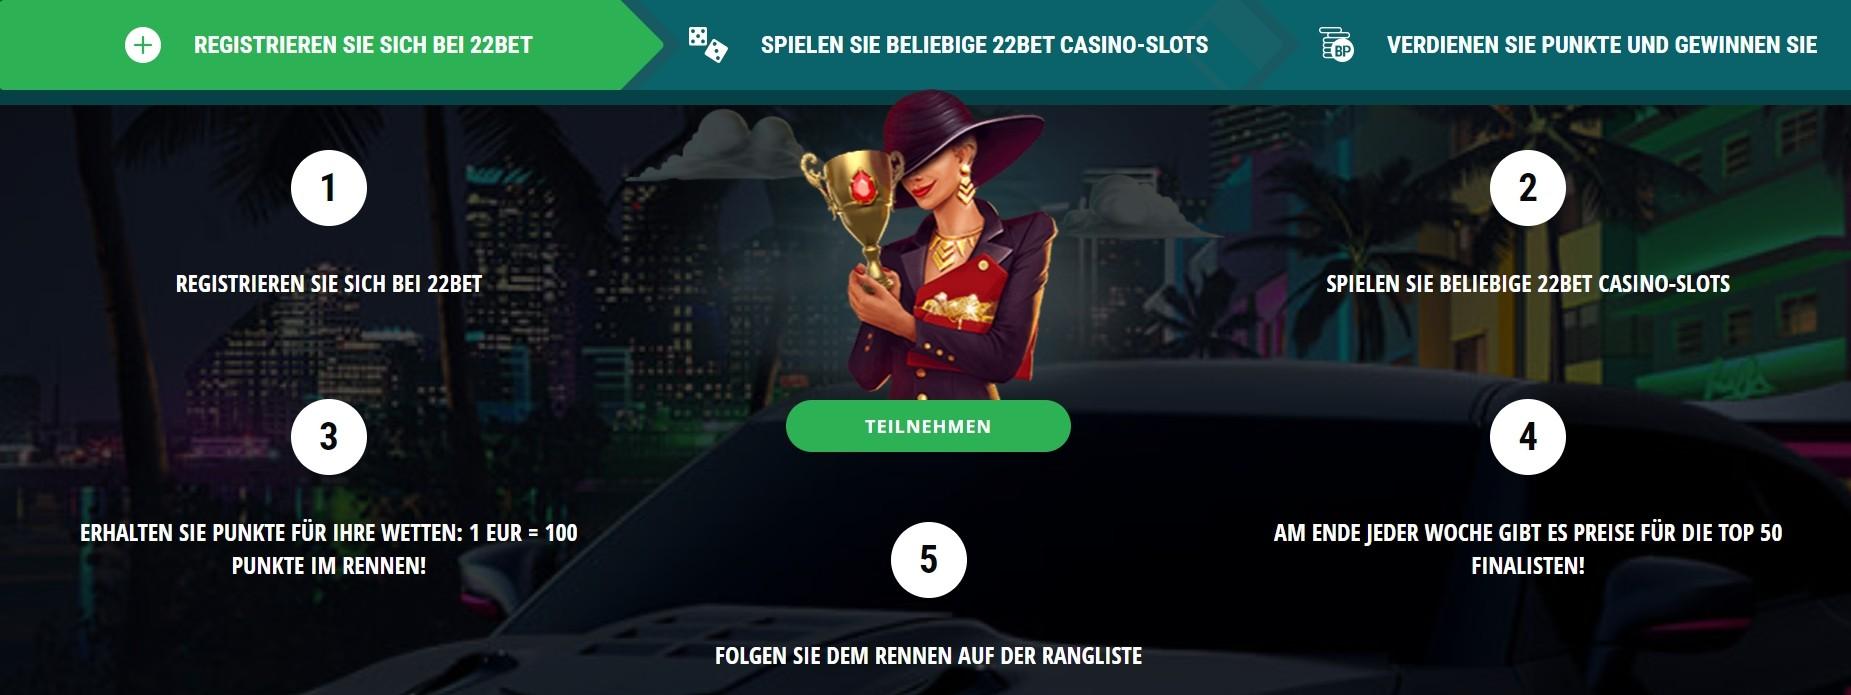 22bet Casino Echtes Geld